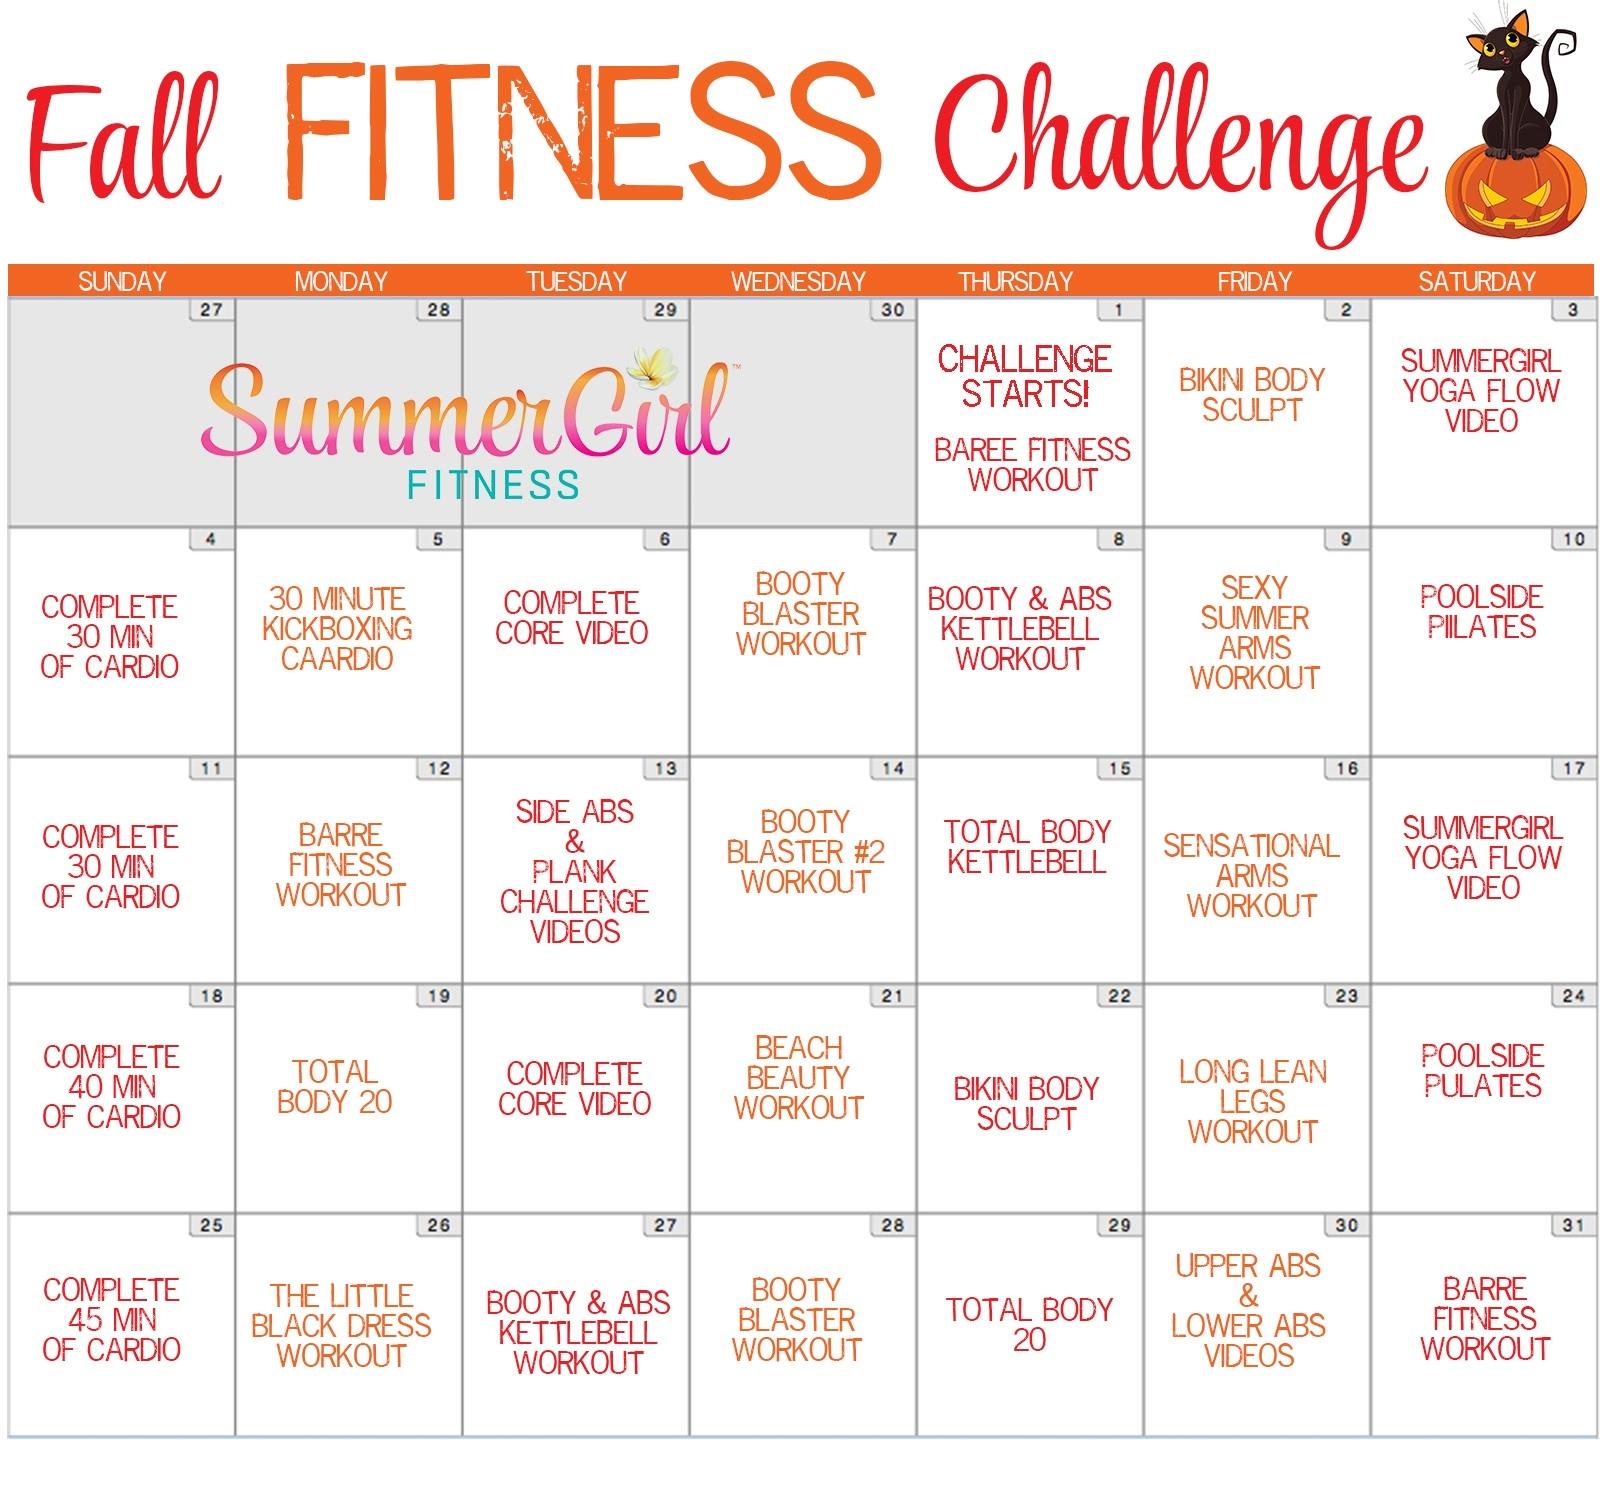 Fall Fitness Challenge Calendar | Summergirl Fitness  Fitness Challeng Caladar